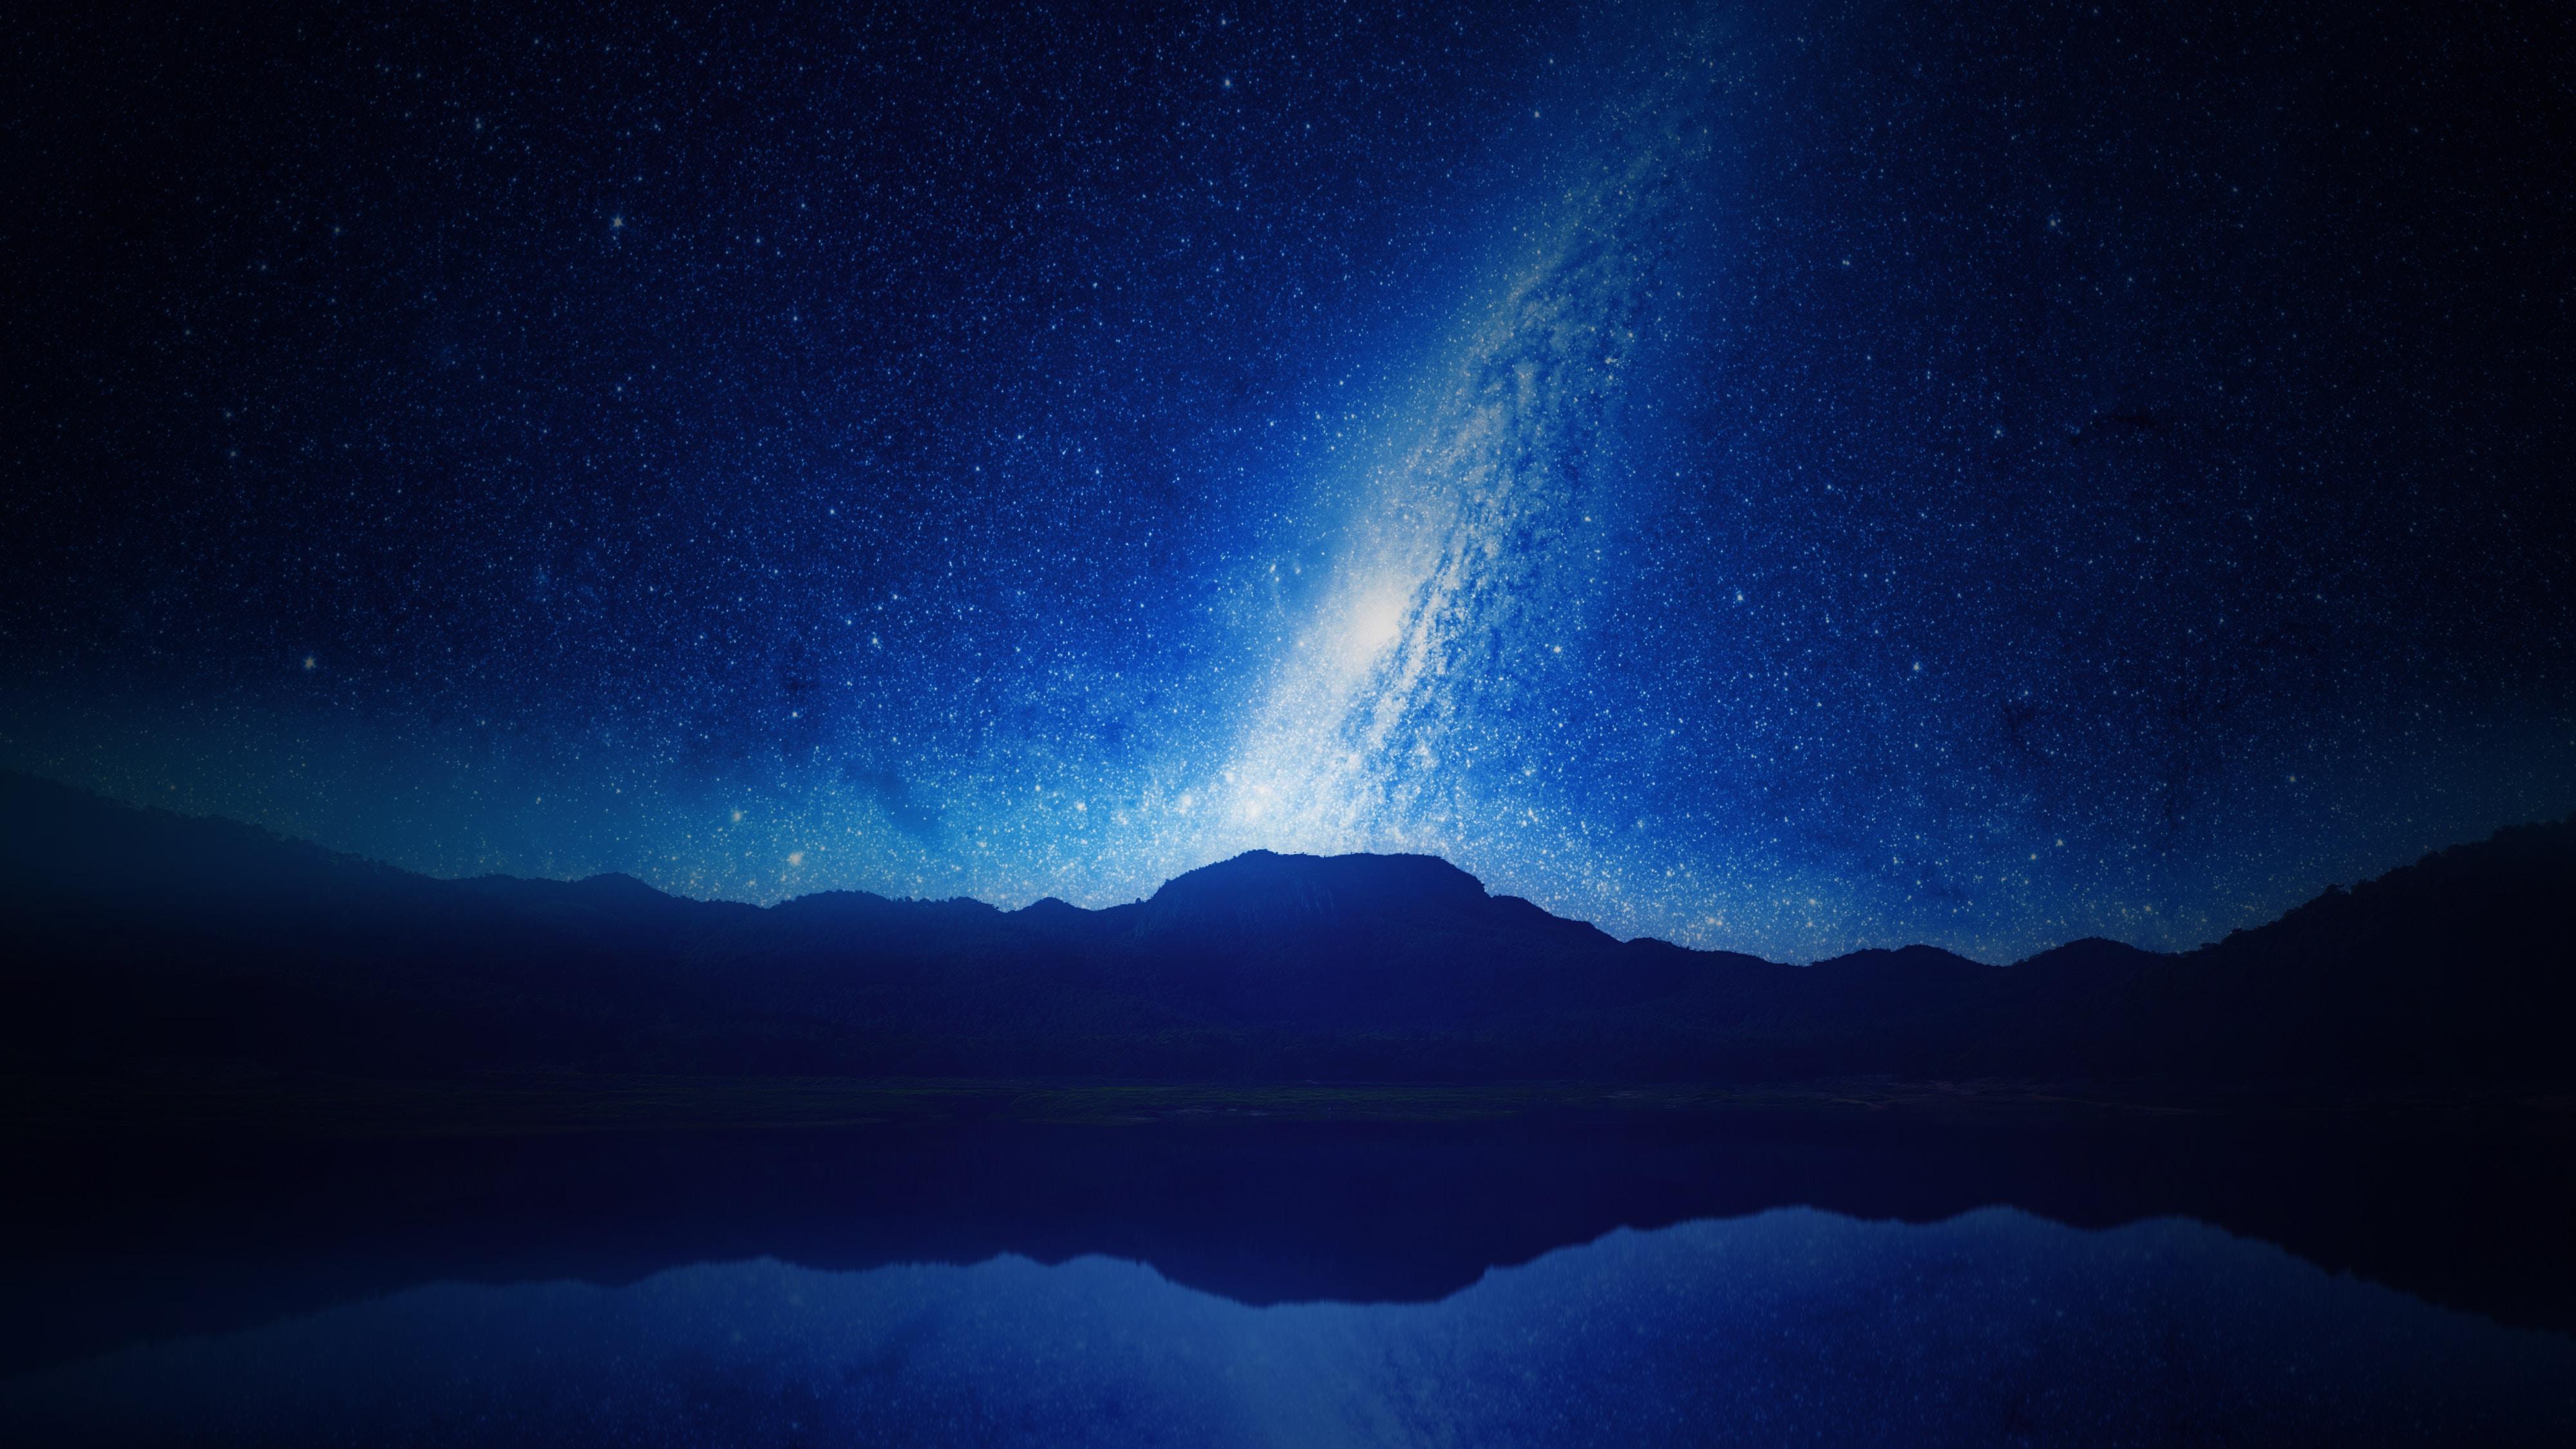 114503壁紙のダウンロード星空, 天の川, ナイト, 山脈, 宇宙-スクリーンセーバーと写真を無料で